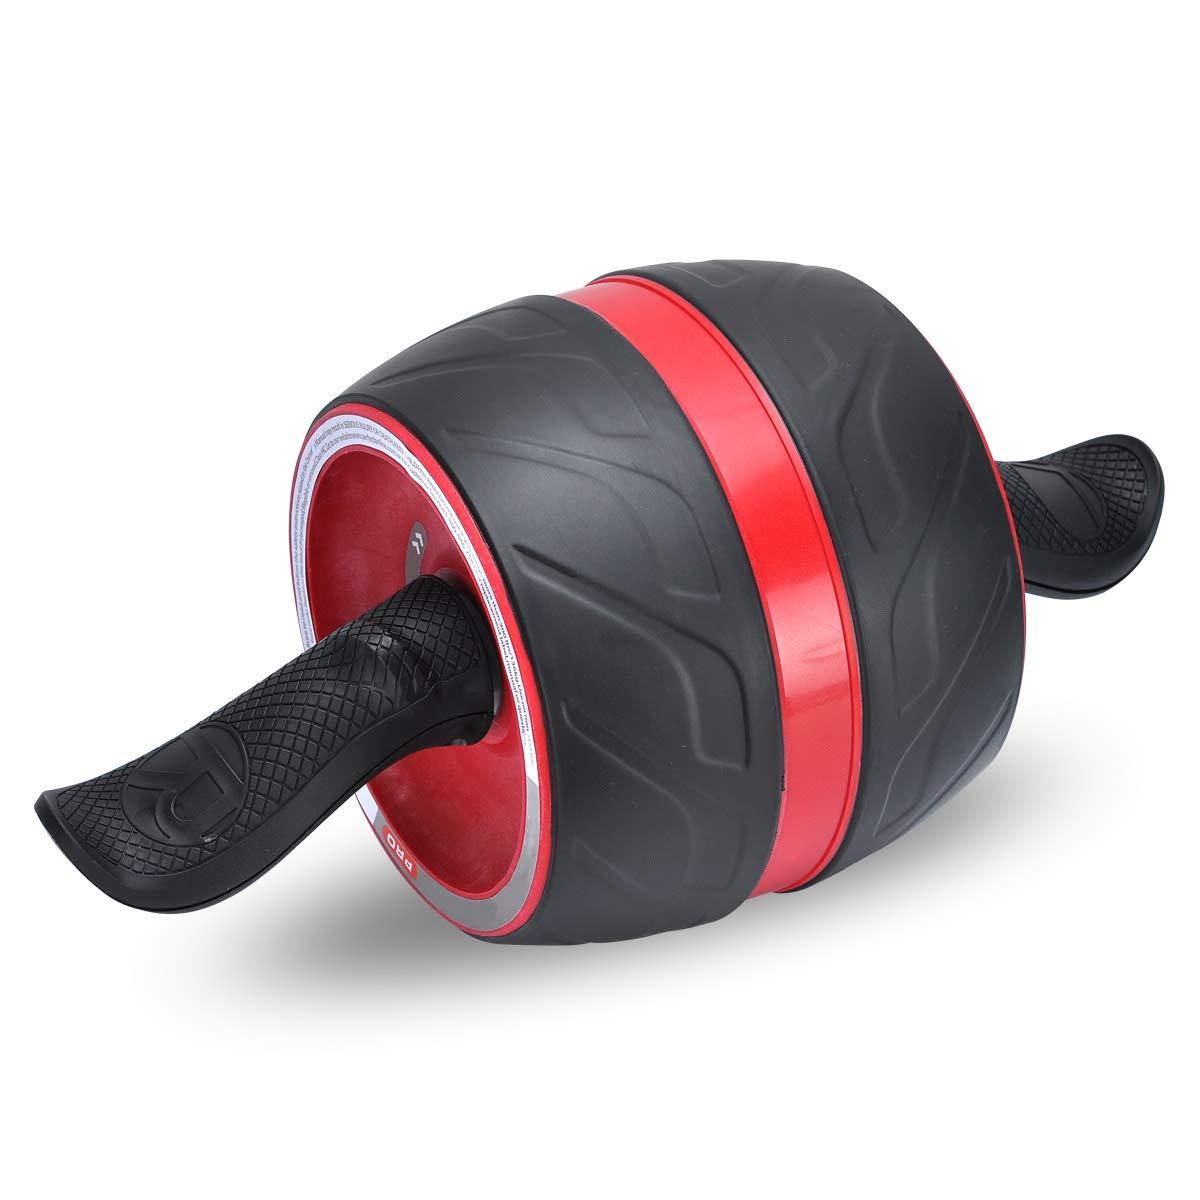 COVVY Fitness Bauchtrainer AB Carver Pro mit Knieauflage F/ür Fitness Bauchmuskeltraining Muskelaufbau Bauchroller f/ür Frauen und M/änner